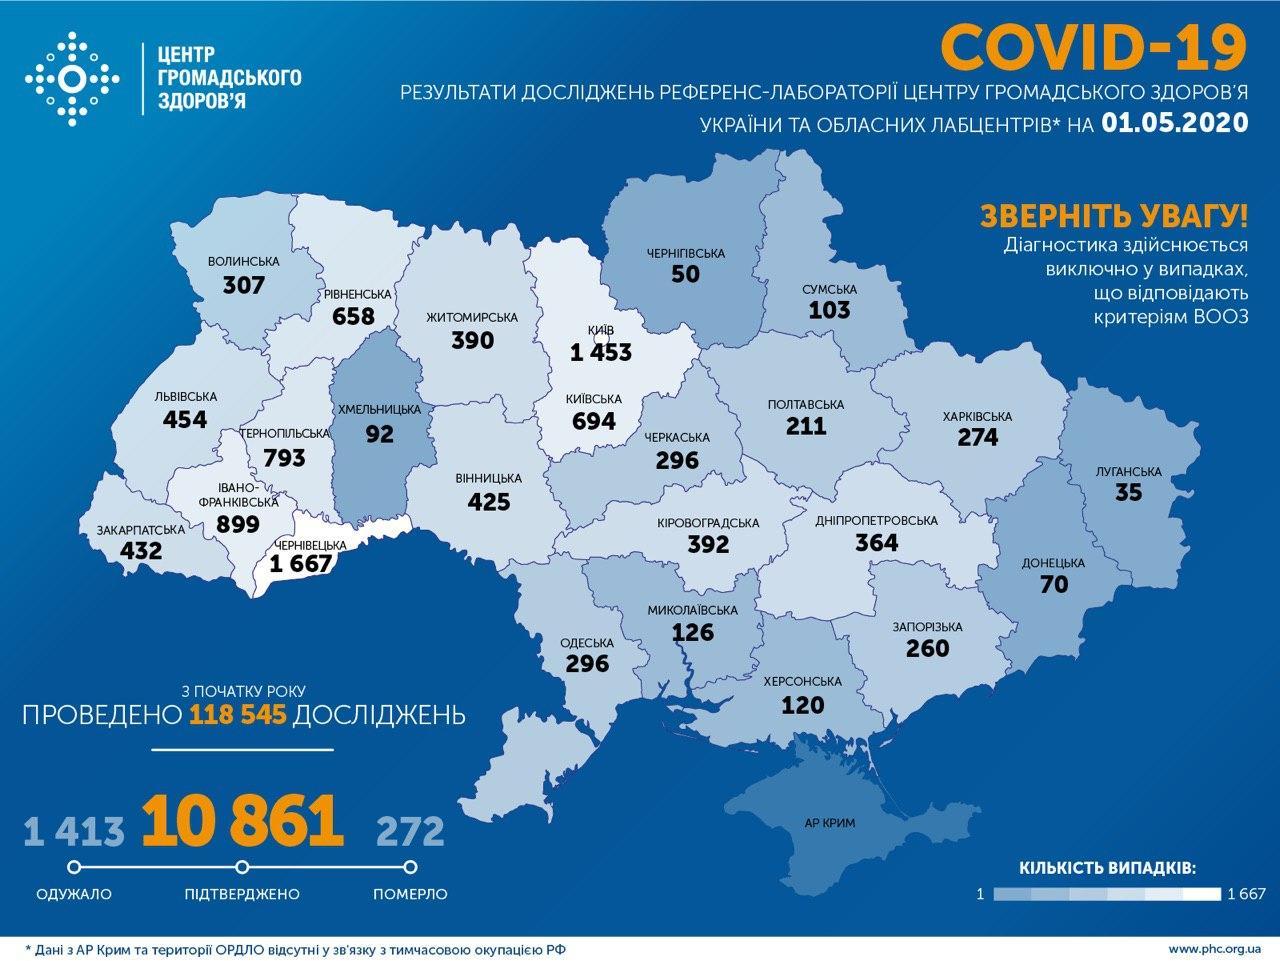 В Україні підтвердили 10861 випадків коронавірусу, за добу - 455